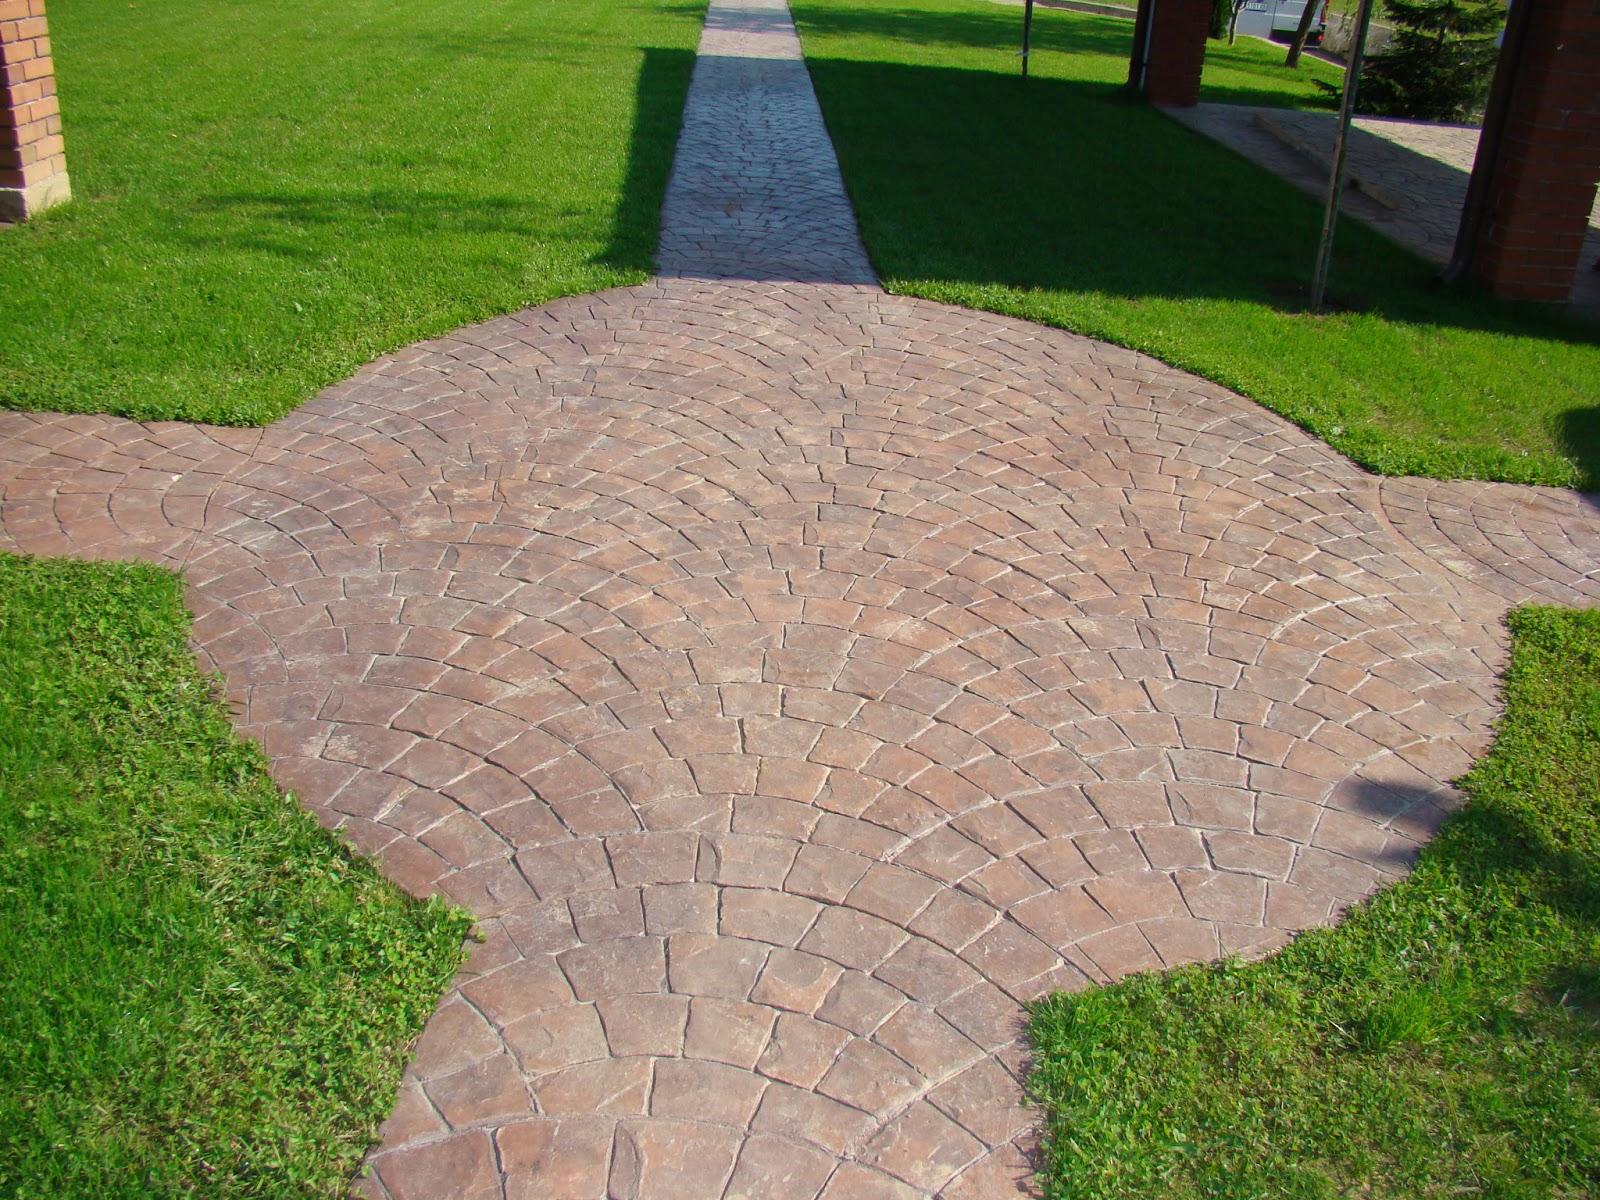 Suelo de hormigon impreso 662509096 for Hormigon impreso suelo